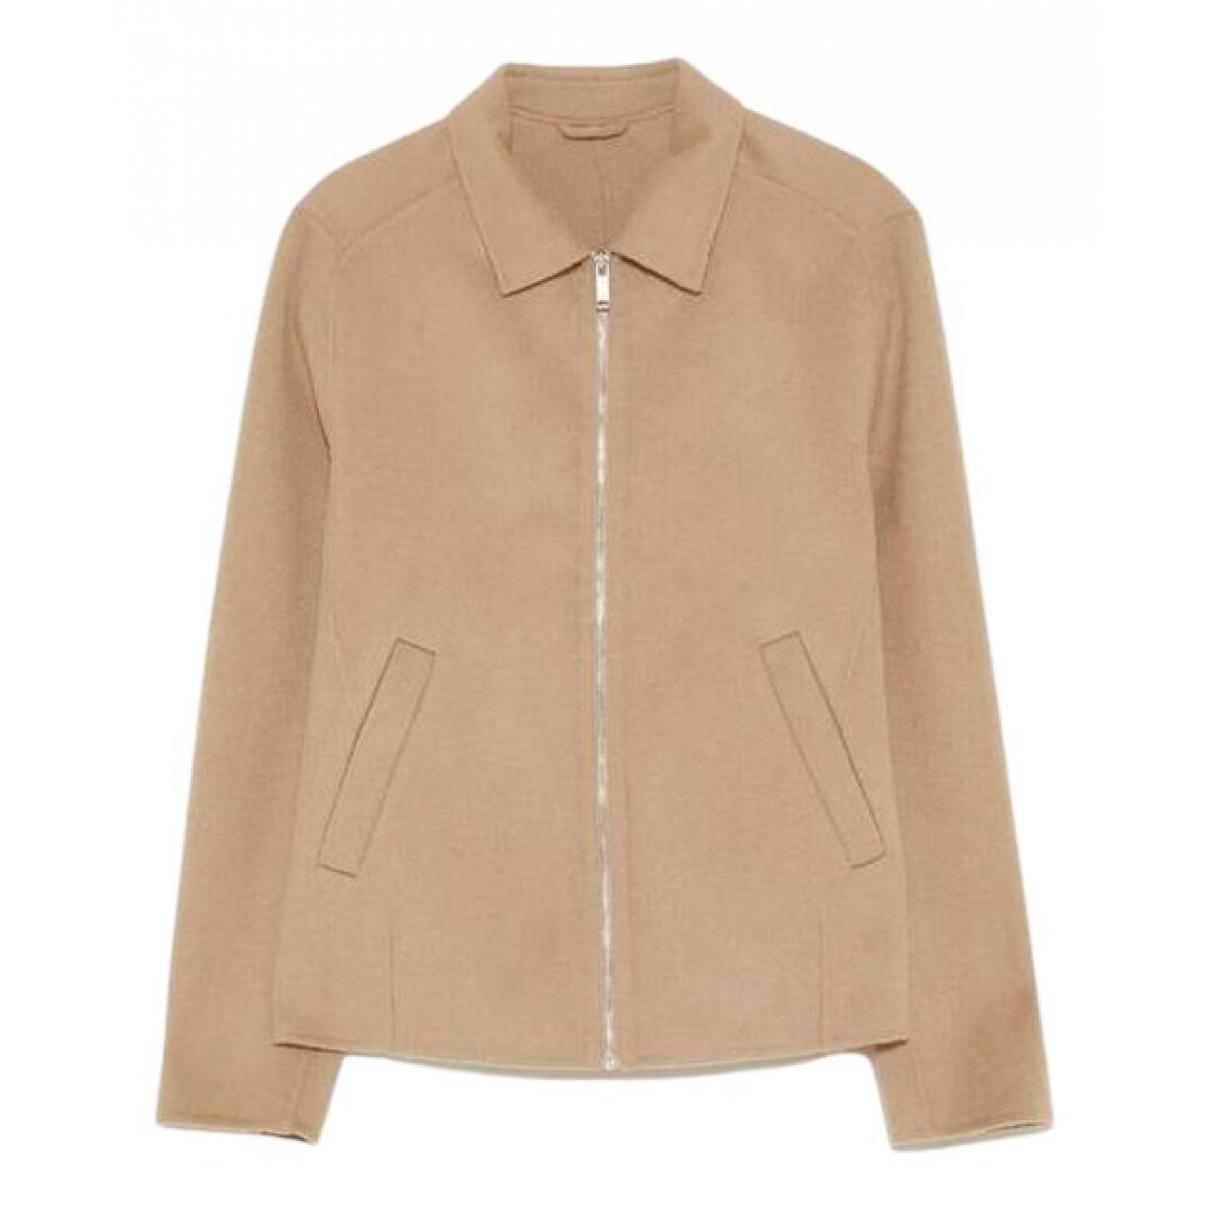 Zara - Vestes.Blousons   pour homme en laine - beige